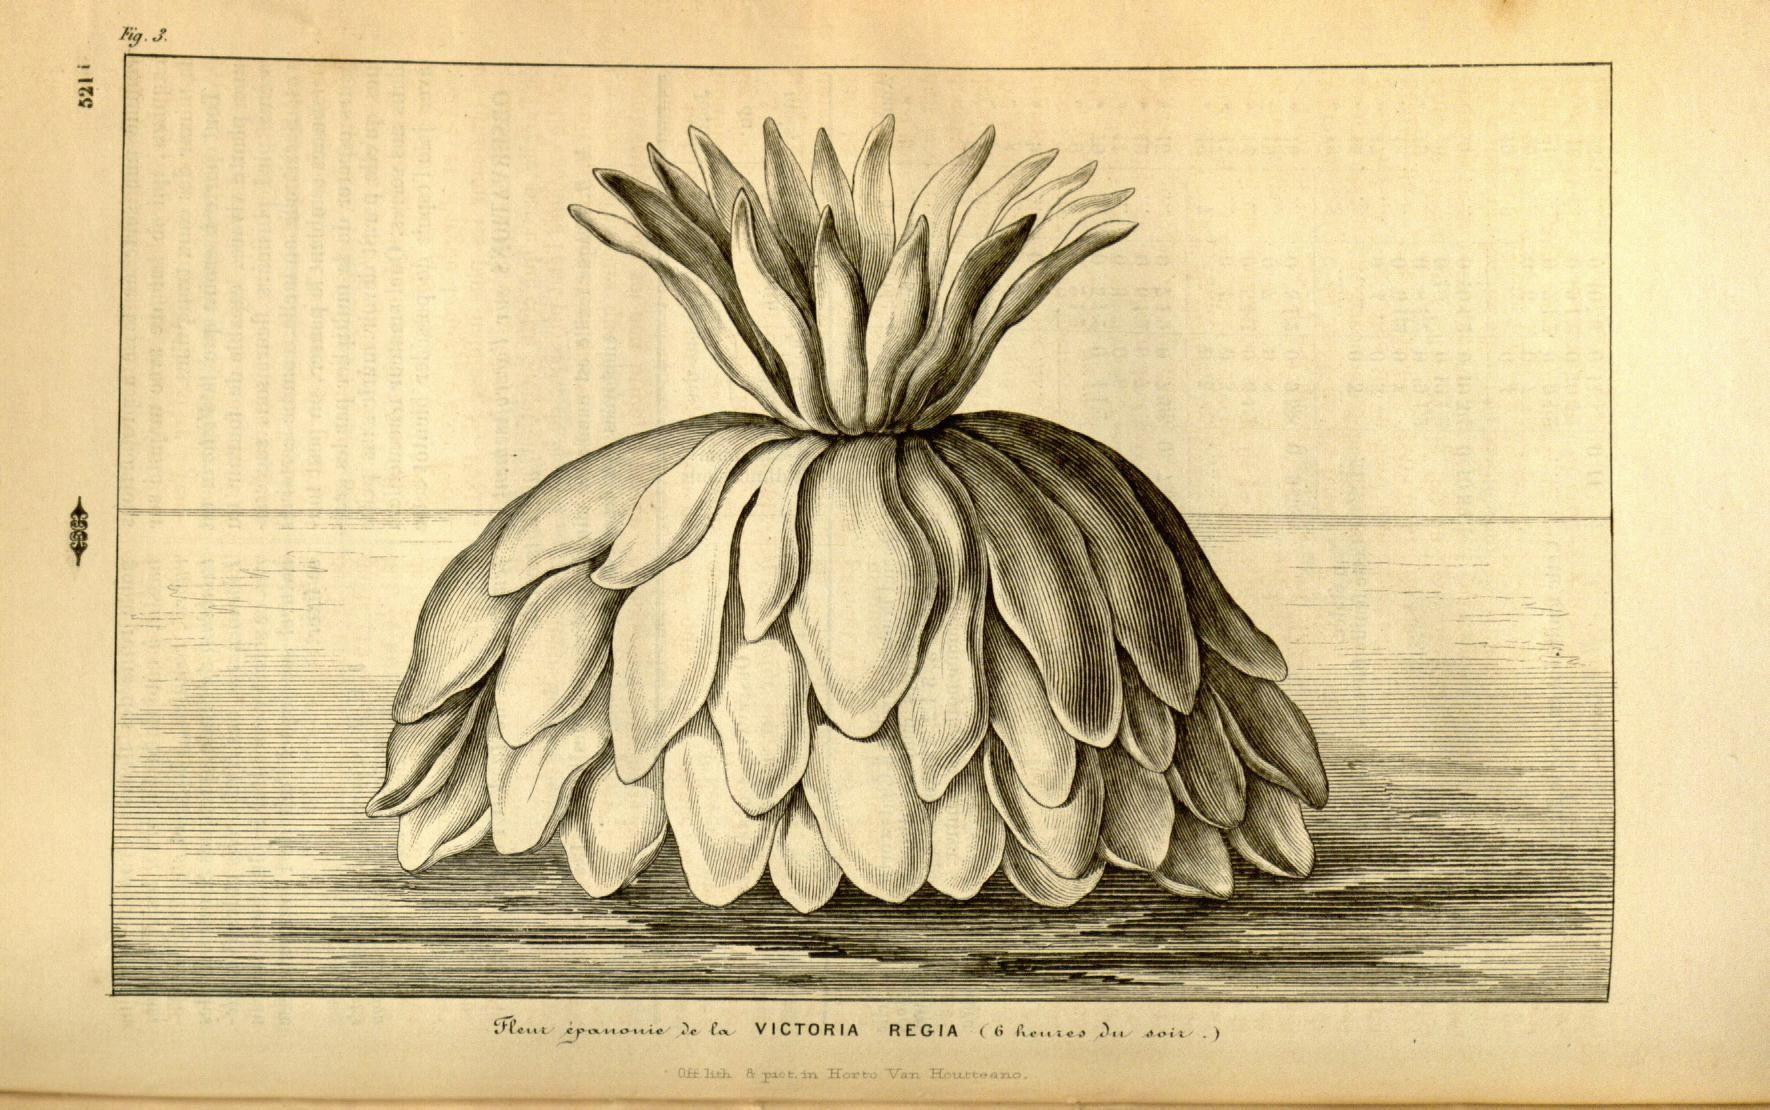 Fleur èpanonie de la Victoria Regia